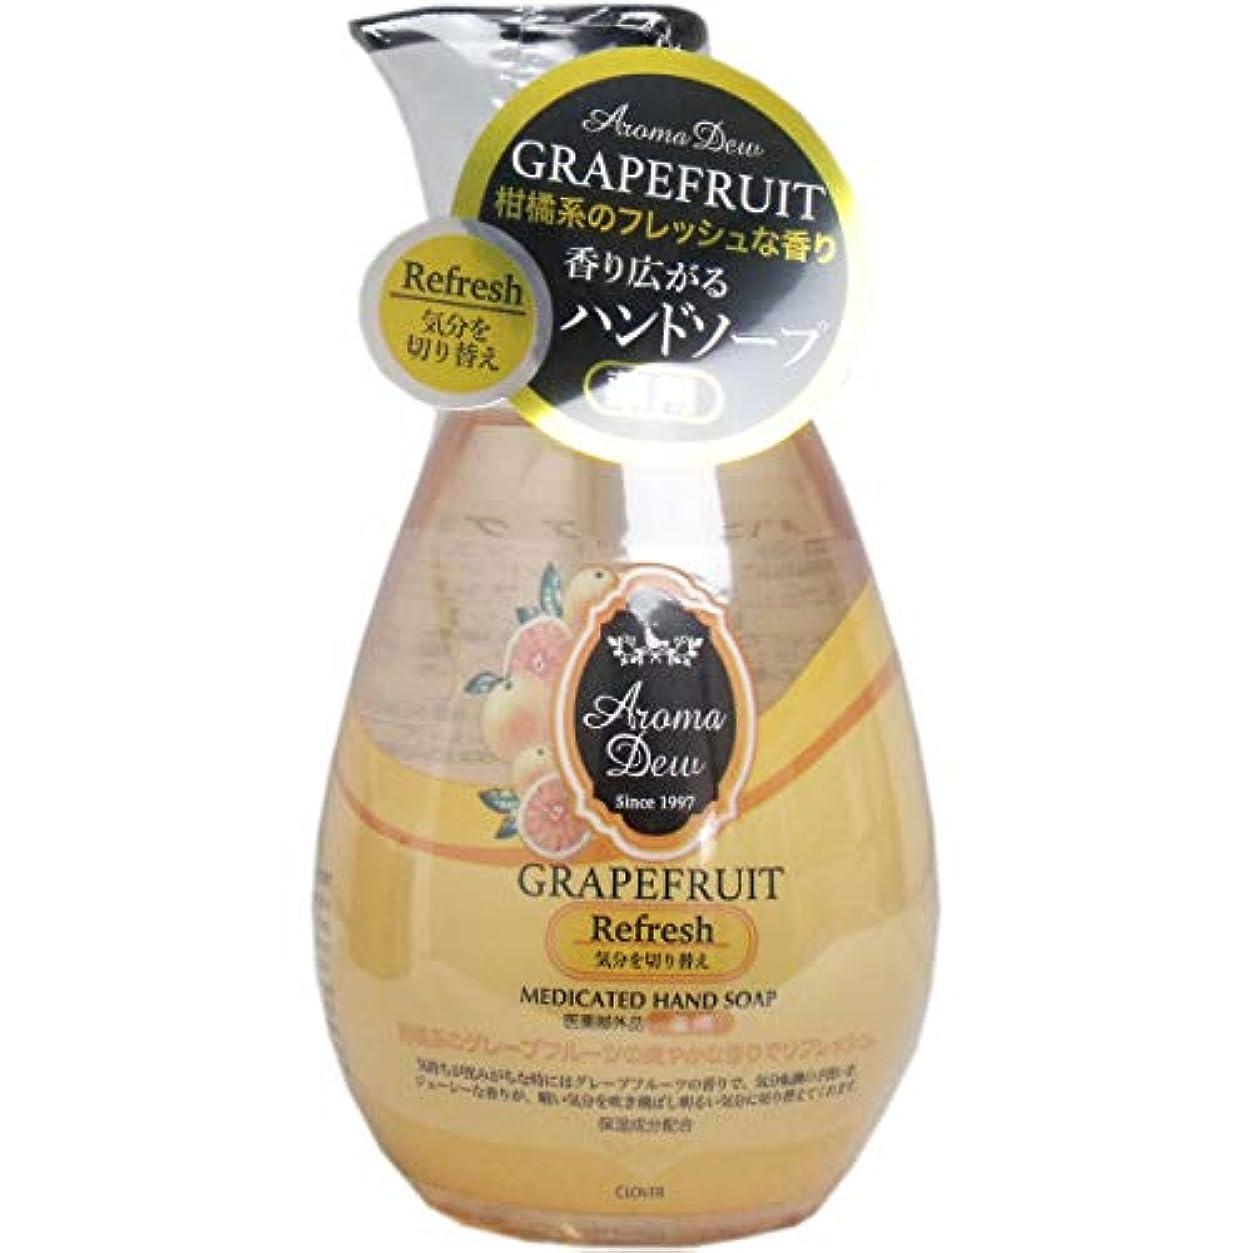 肝裁定著者薬用アロマデュウ ハンドソープ グレープフルーツの香り 260mL×5個セット(管理番号 4901498104453)